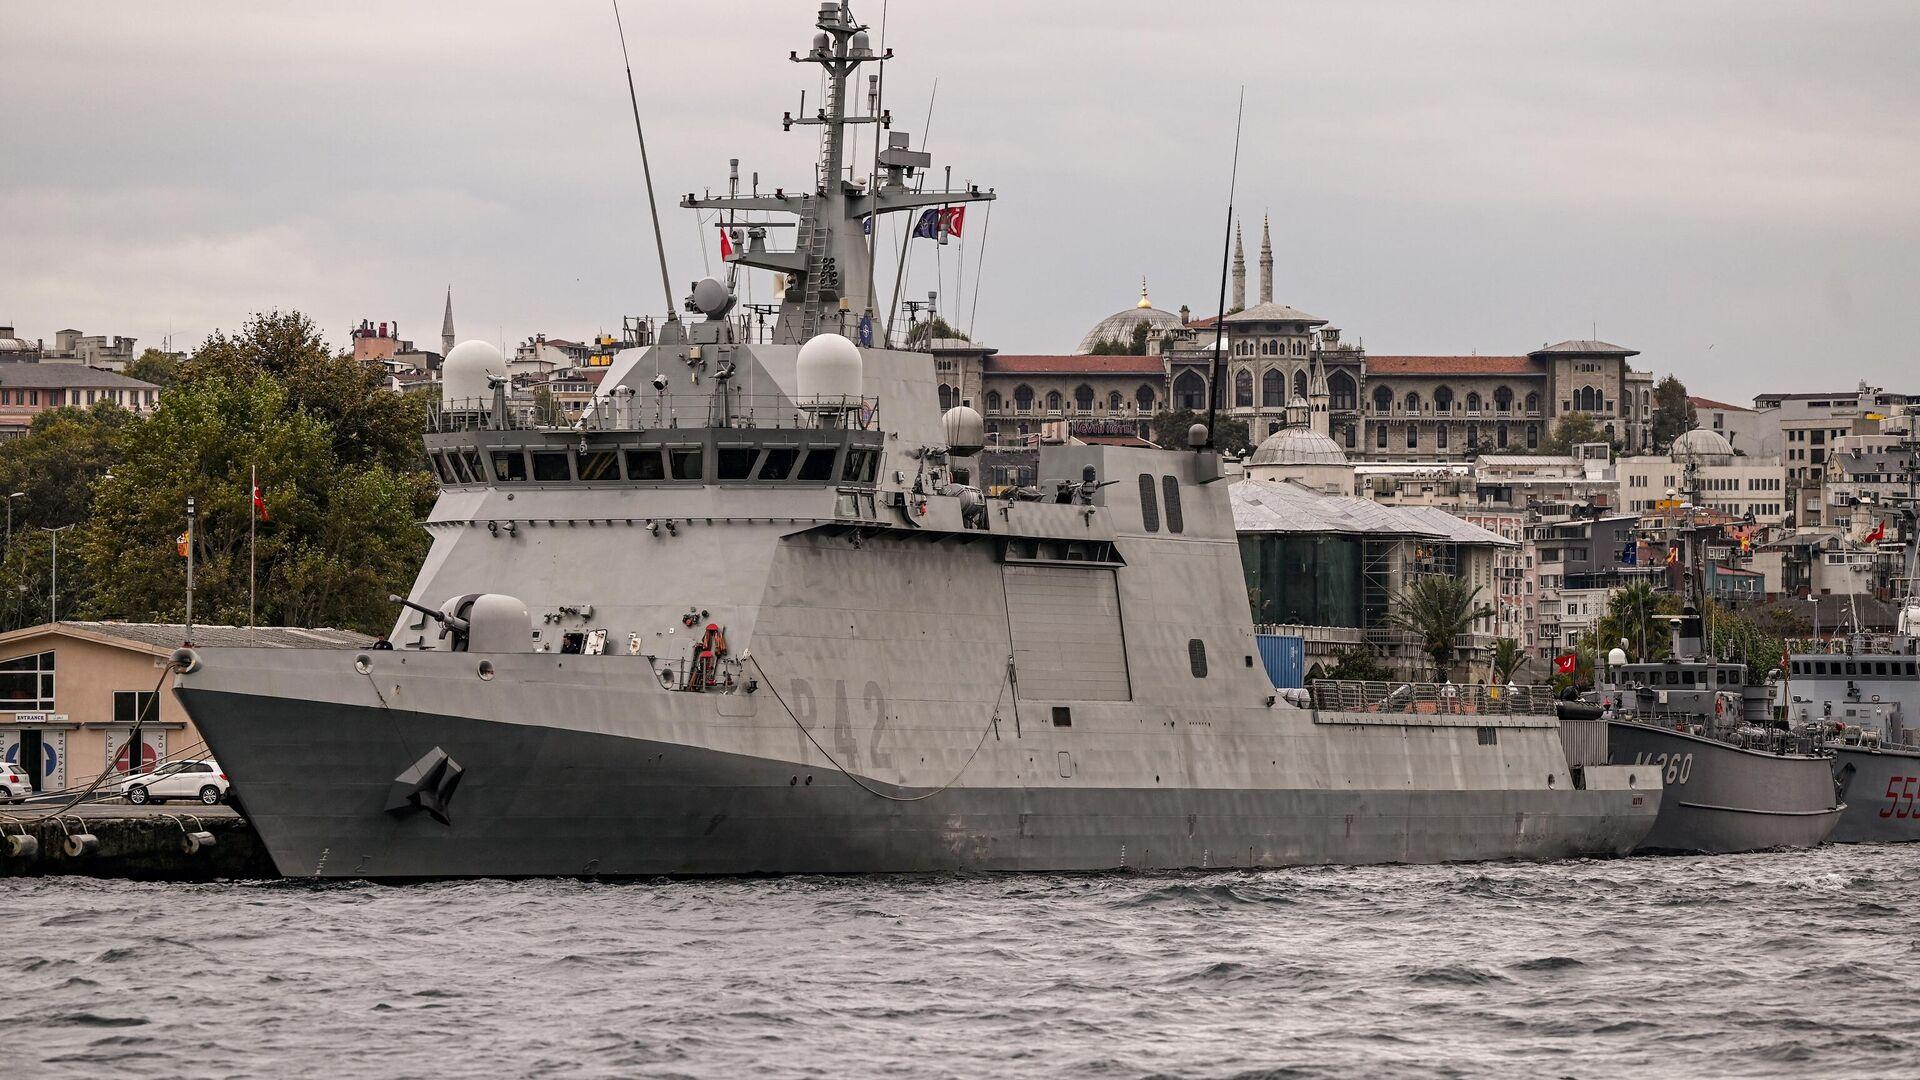 Шпански војни брод Рајо у водама Истанбула - Sputnik Србија, 1920, 23.09.2021